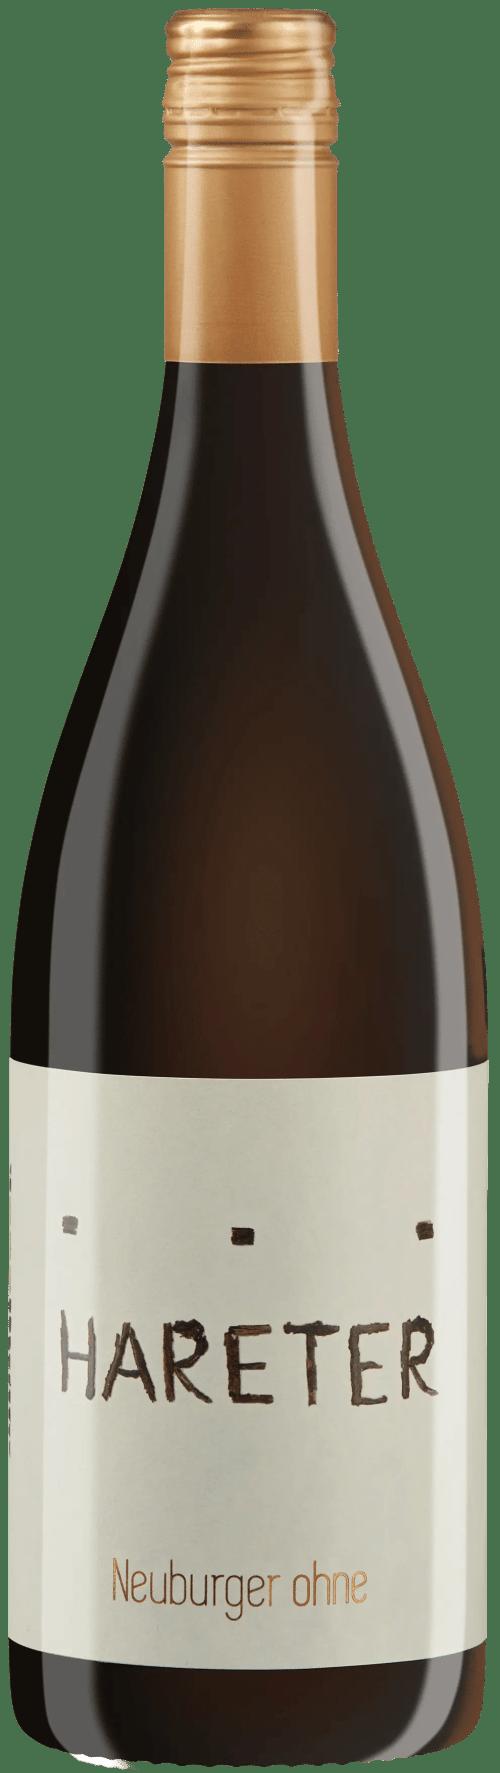 Naturwein_kaufen-Weingut_Hareter_Thomas-Österreich